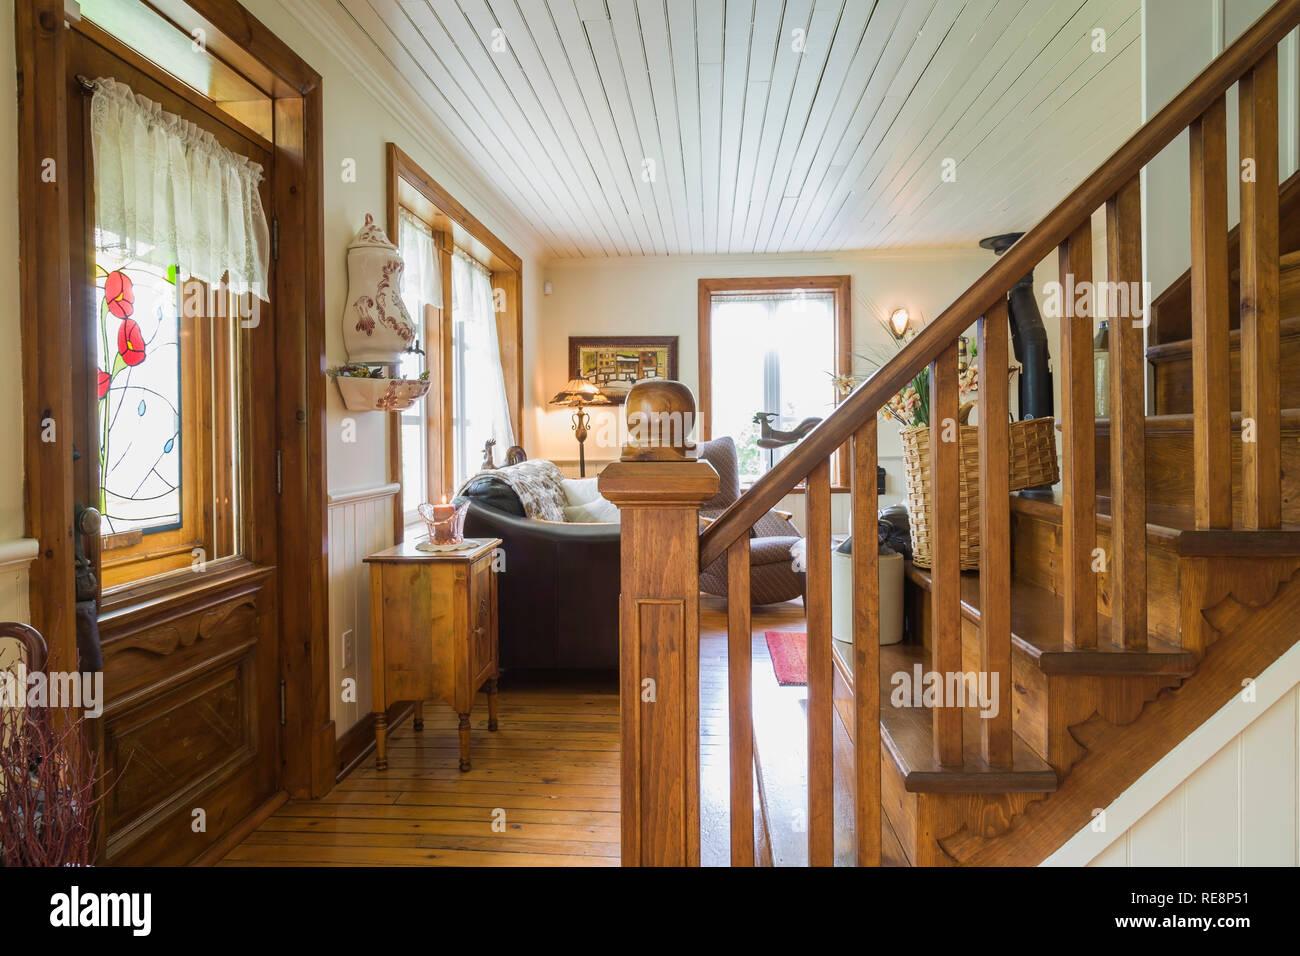 braun gebeiztem kiefernholz treppen zwischen esszimmer und wohnzimmer in einem alten 1892 canadiana cottage style home